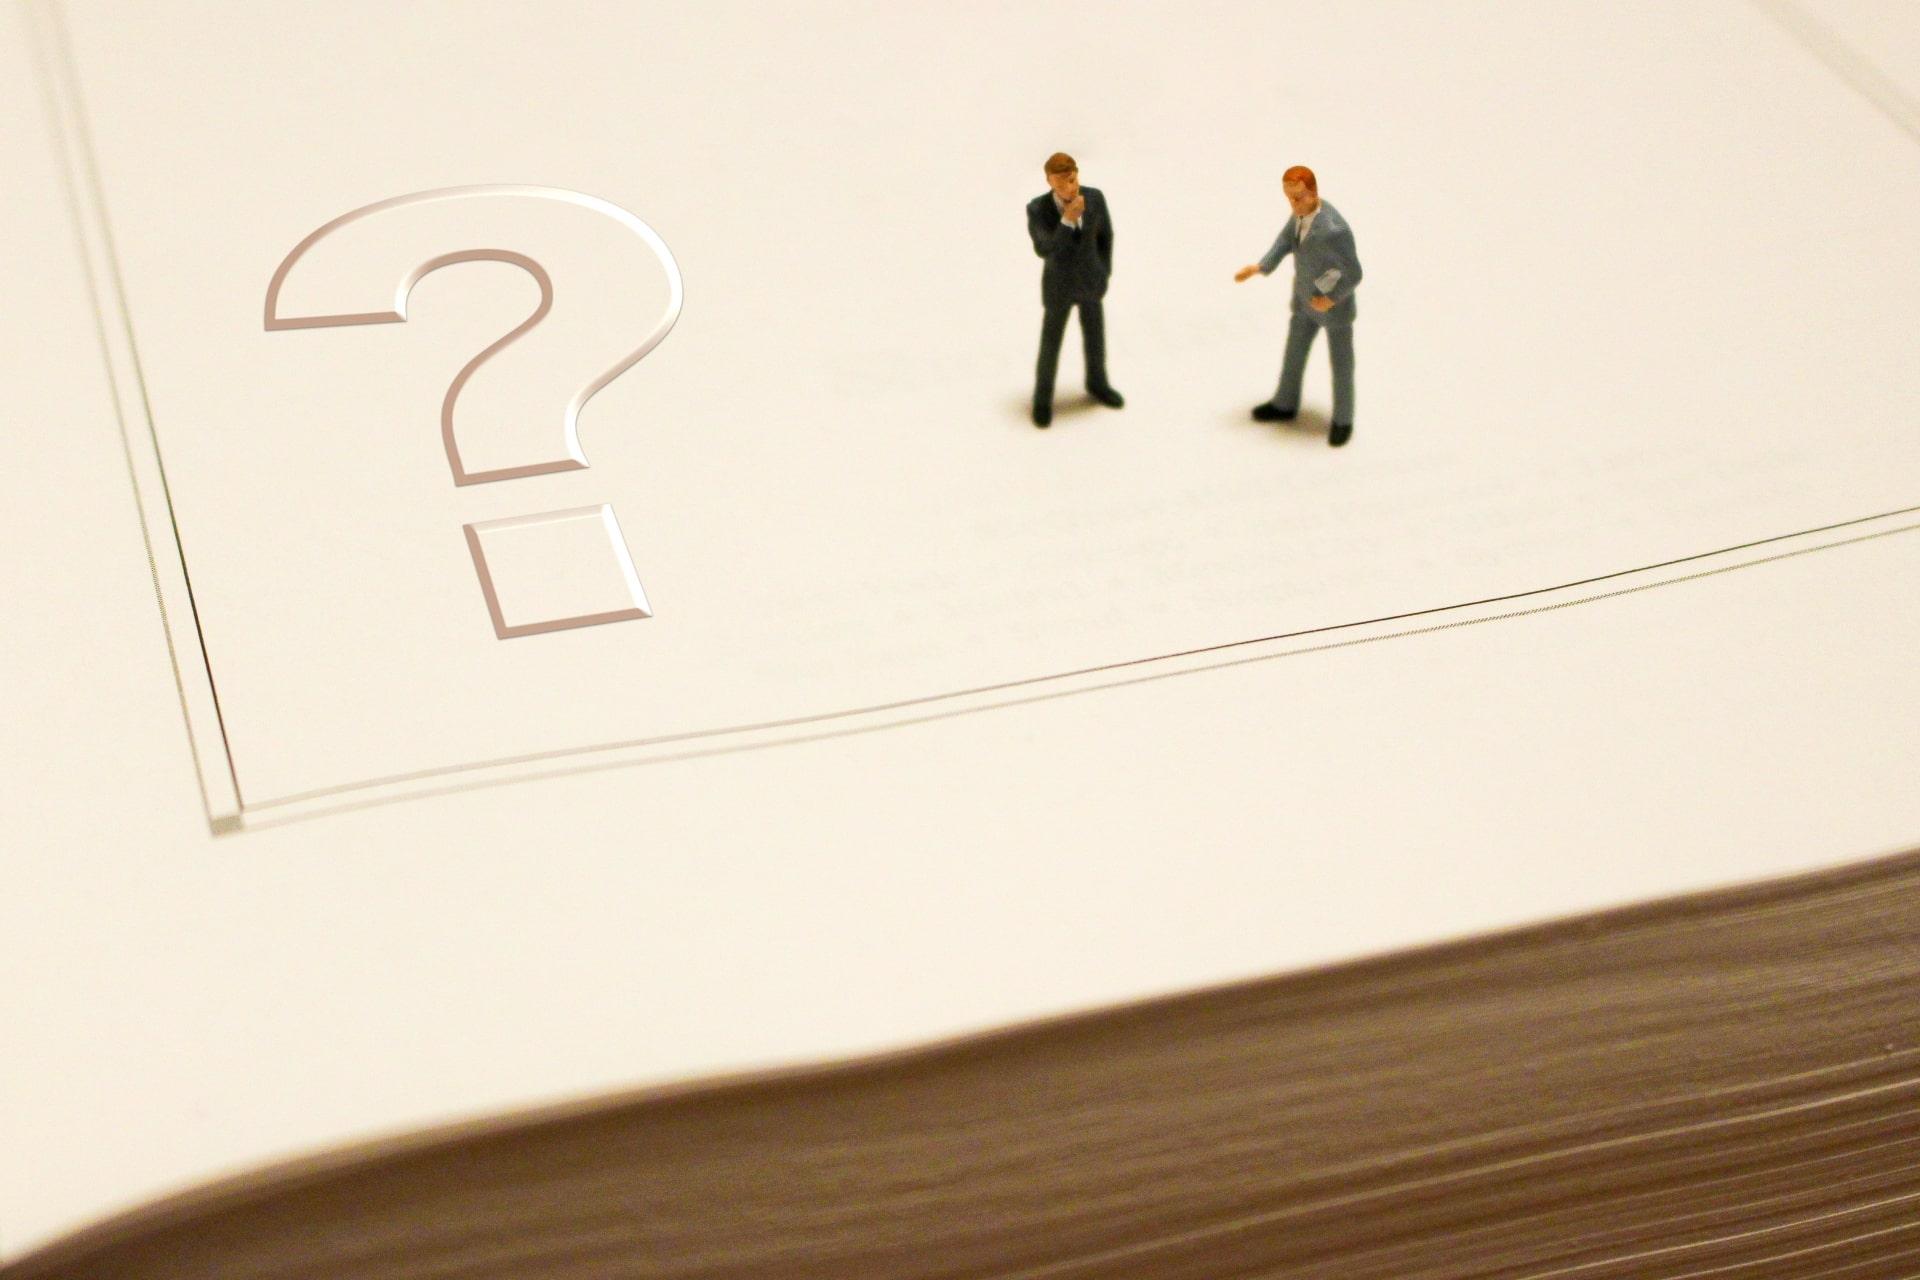 大規模修繕工事におけるコンサルタントの役割と選び方